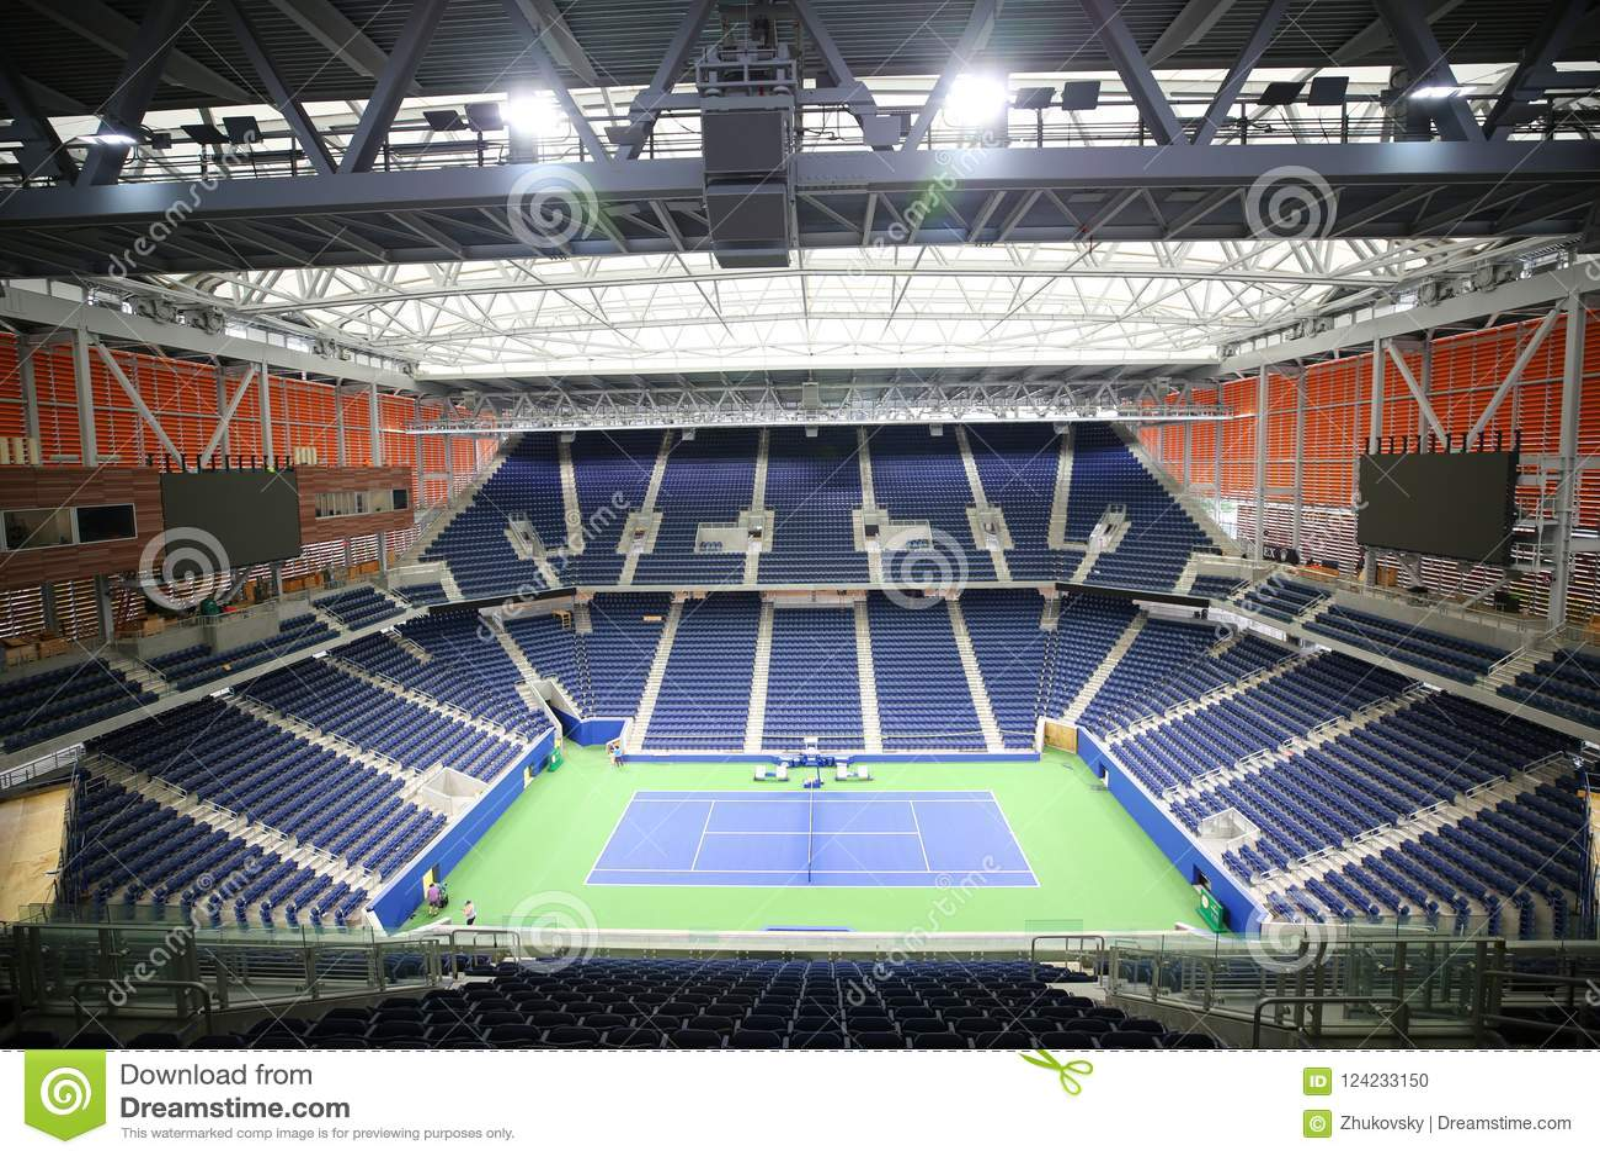 Nieuw, roofed Louis Armstrong-stadion wordt geplaatst aan debuut bij U van 2018 S Open in Billie Jean King National Tennis Center